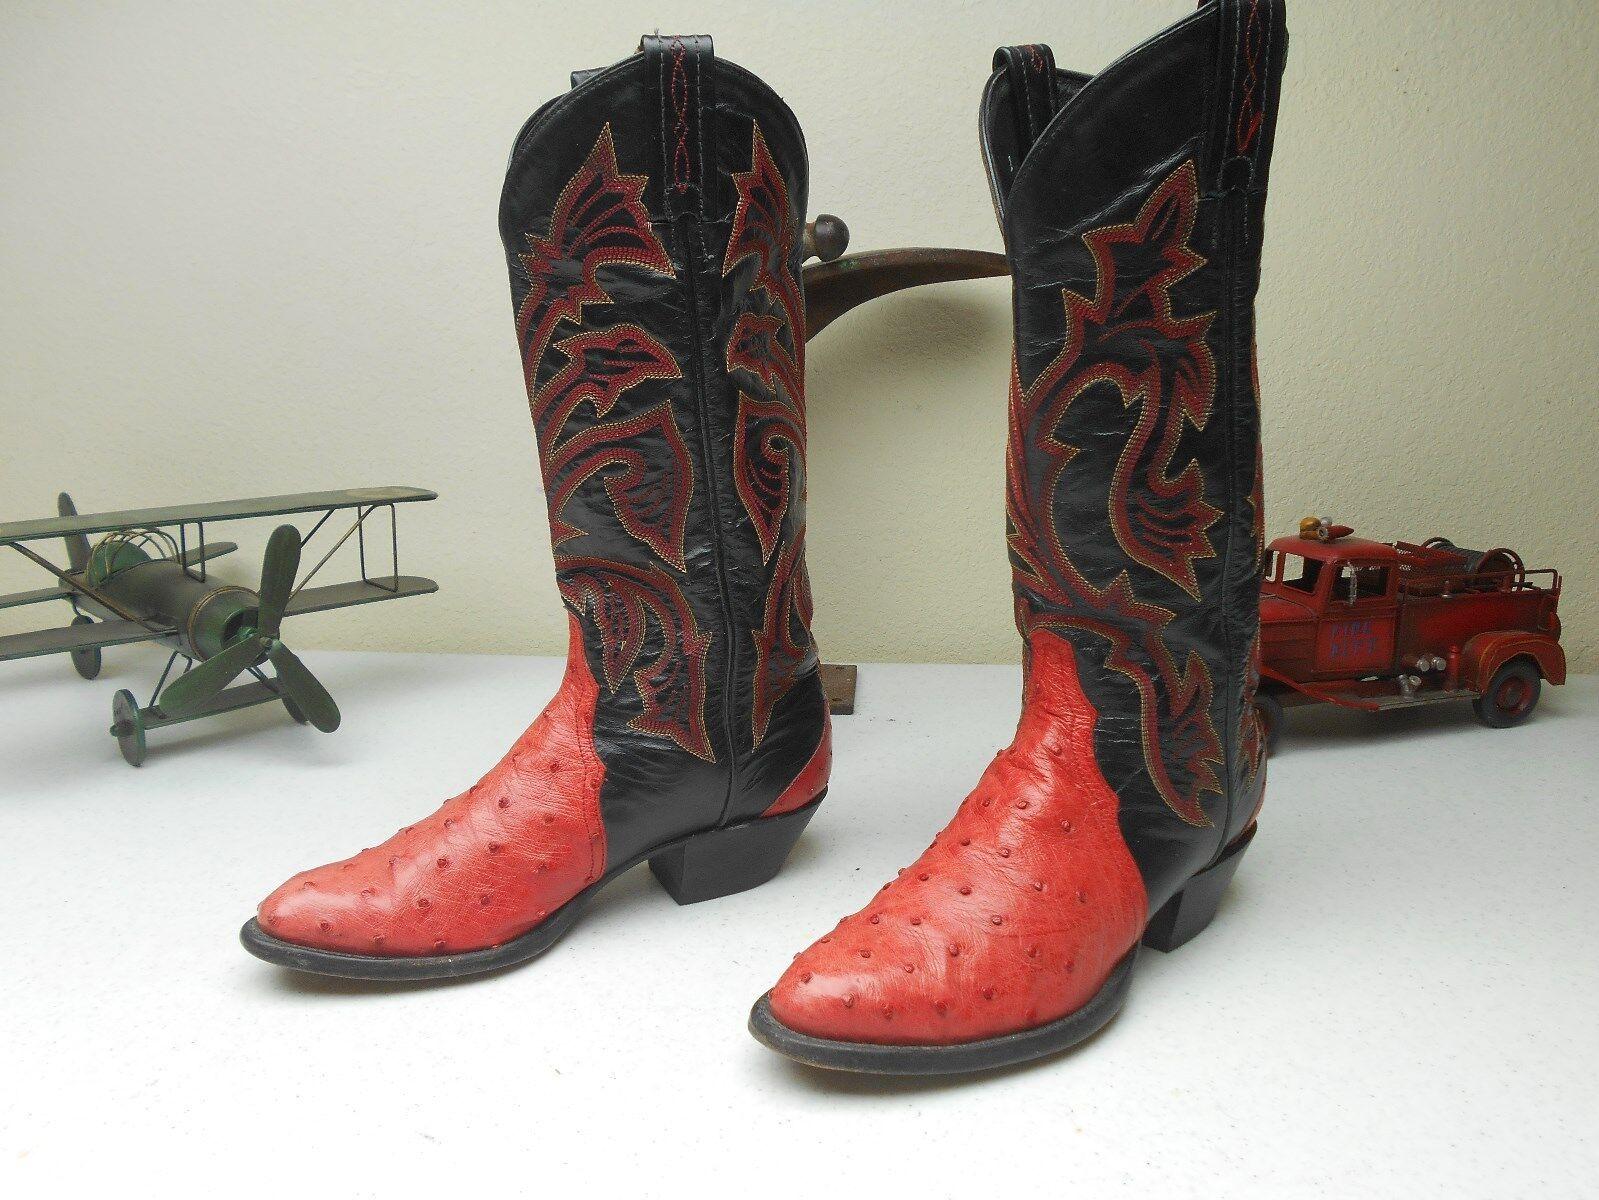 EUC Usa rosado rosado rosado Coral Tony lama ostrich Cowgirl Western Bailando botas Talla 5.5 B  tienda de descuento